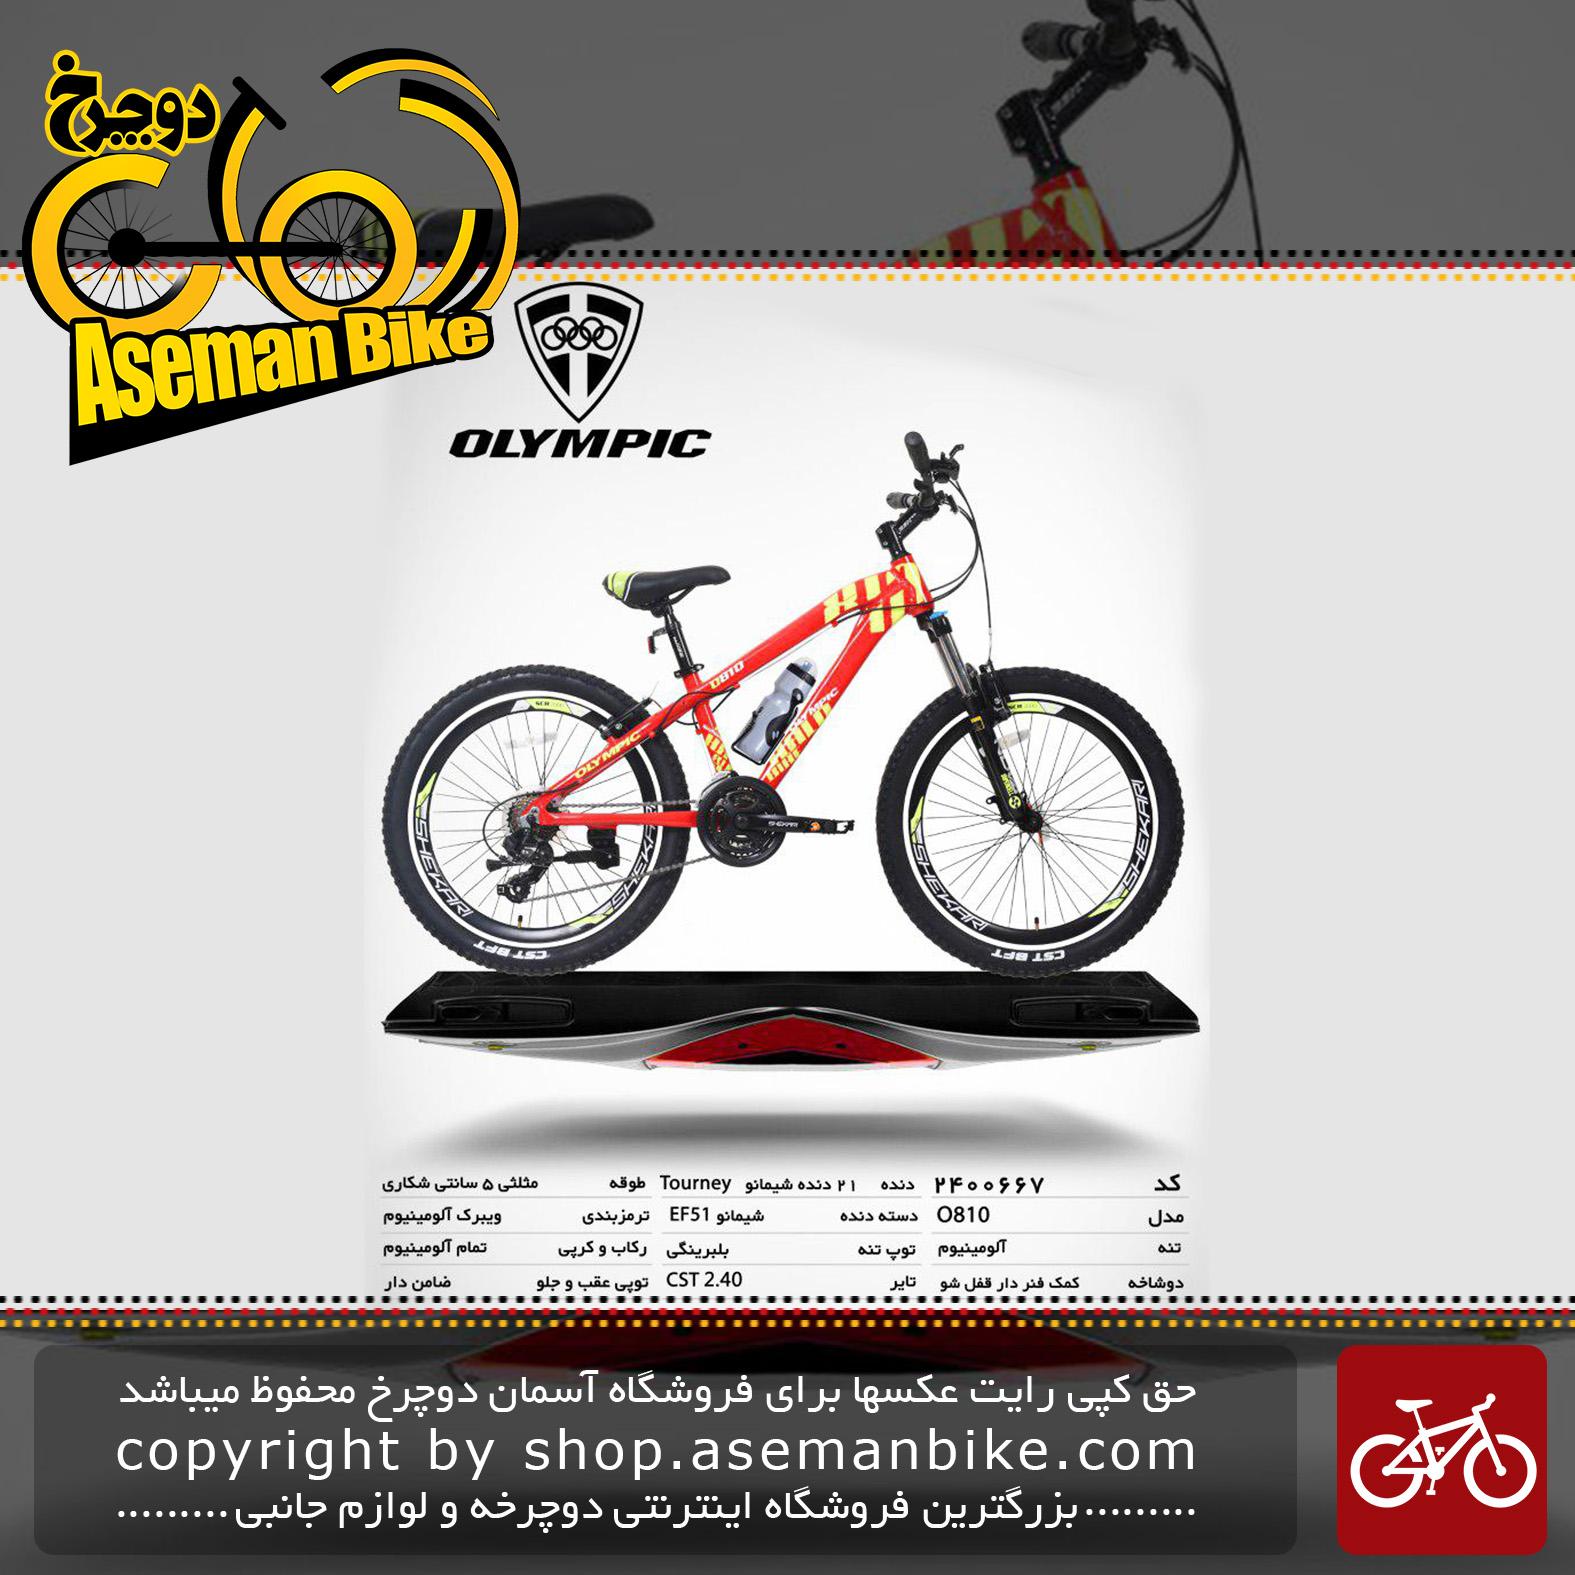 دوچرخه کوهستان شهری المپیک 21 دنده مدل او 810 21 دنده سایز 24 ساخت تایوان OLYMPIA Mountain City Bicycle Taiwan O810 Size 24 2019